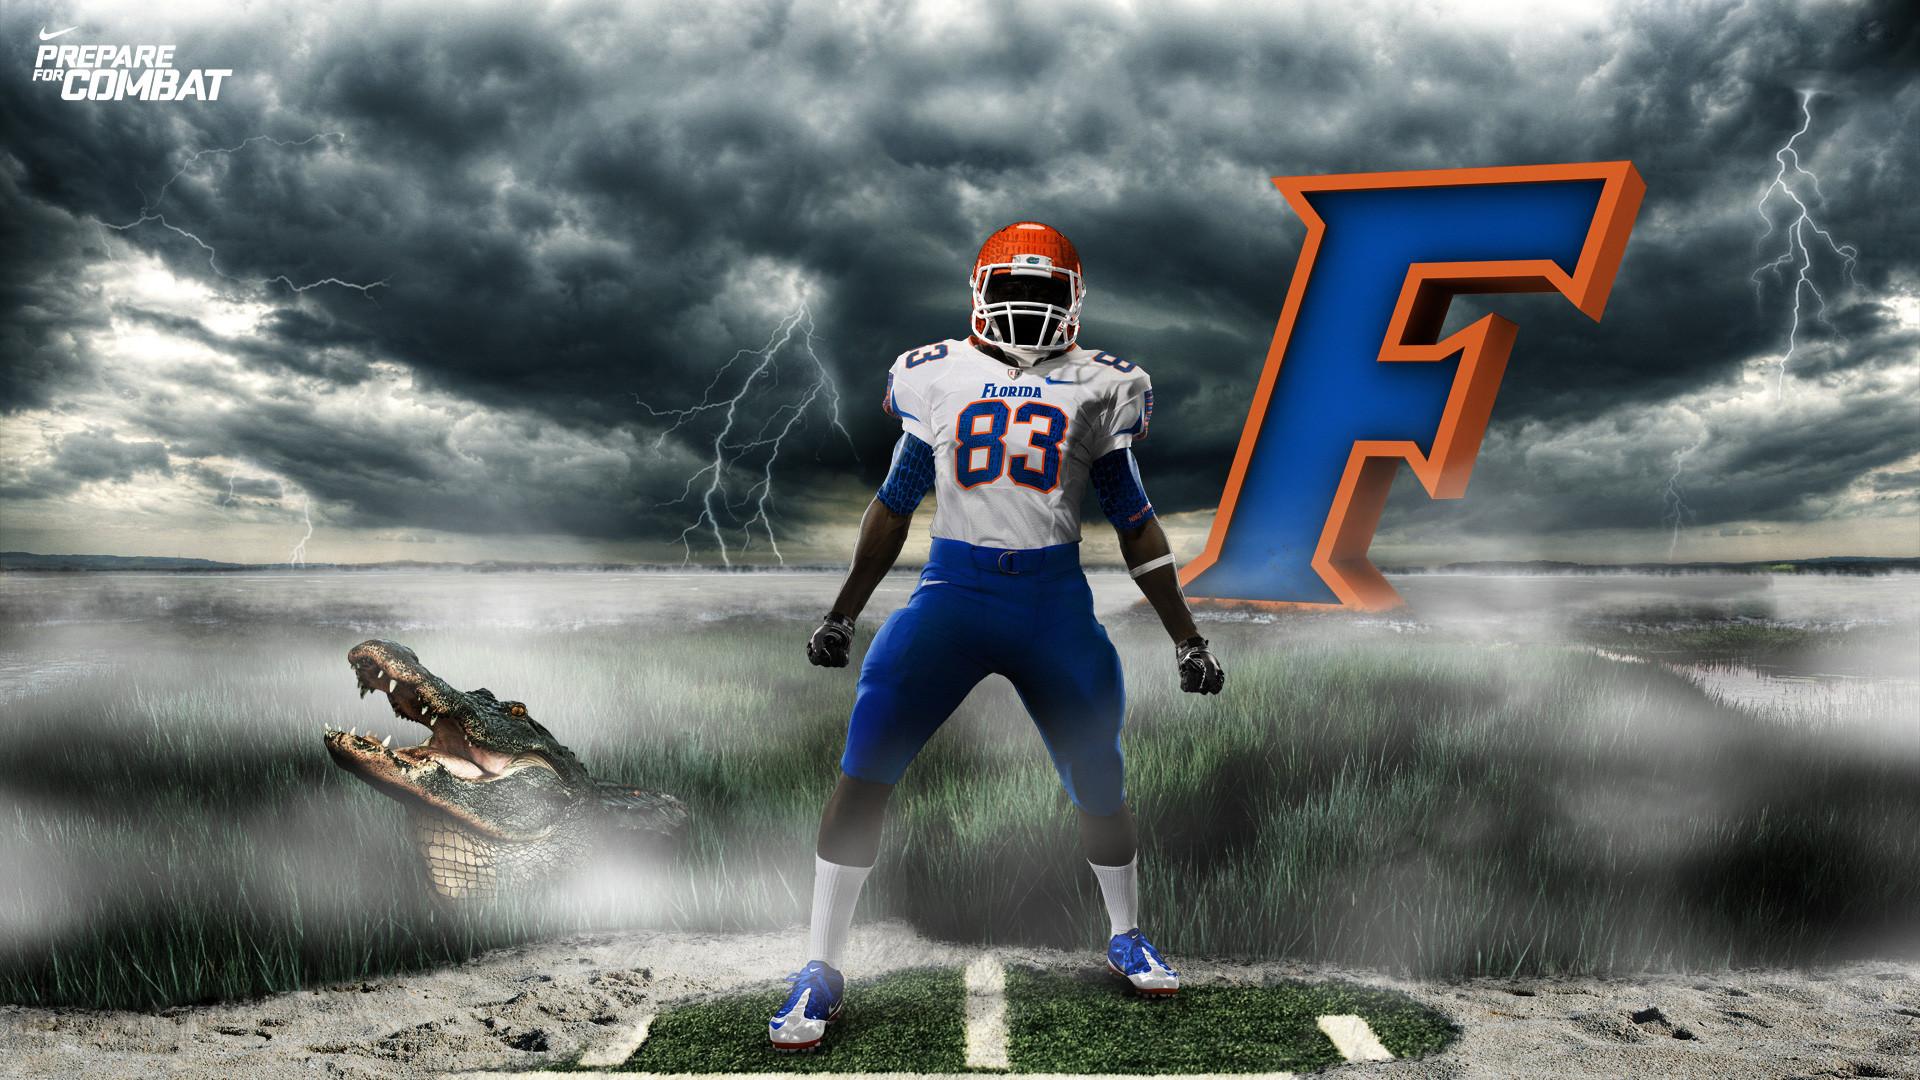 Gators Backgrounds For Desktop. Florida Gators Backgrounds Free